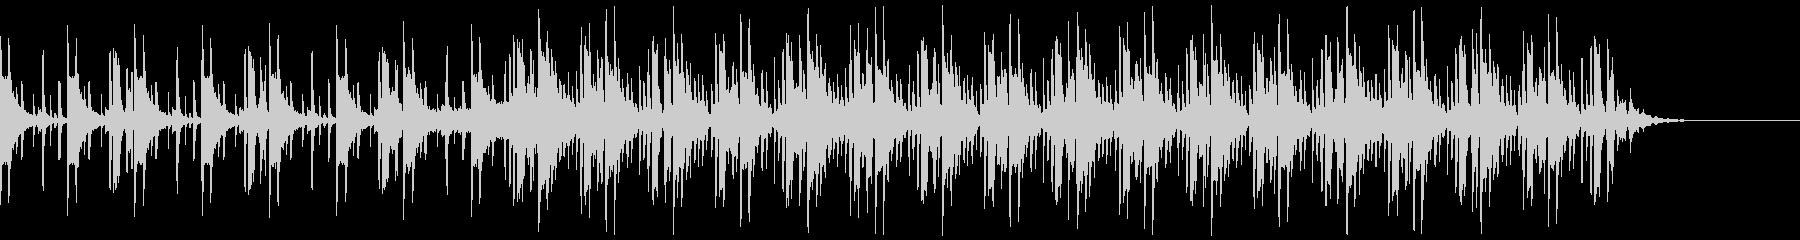 コーポレートテクスチャ―2の未再生の波形